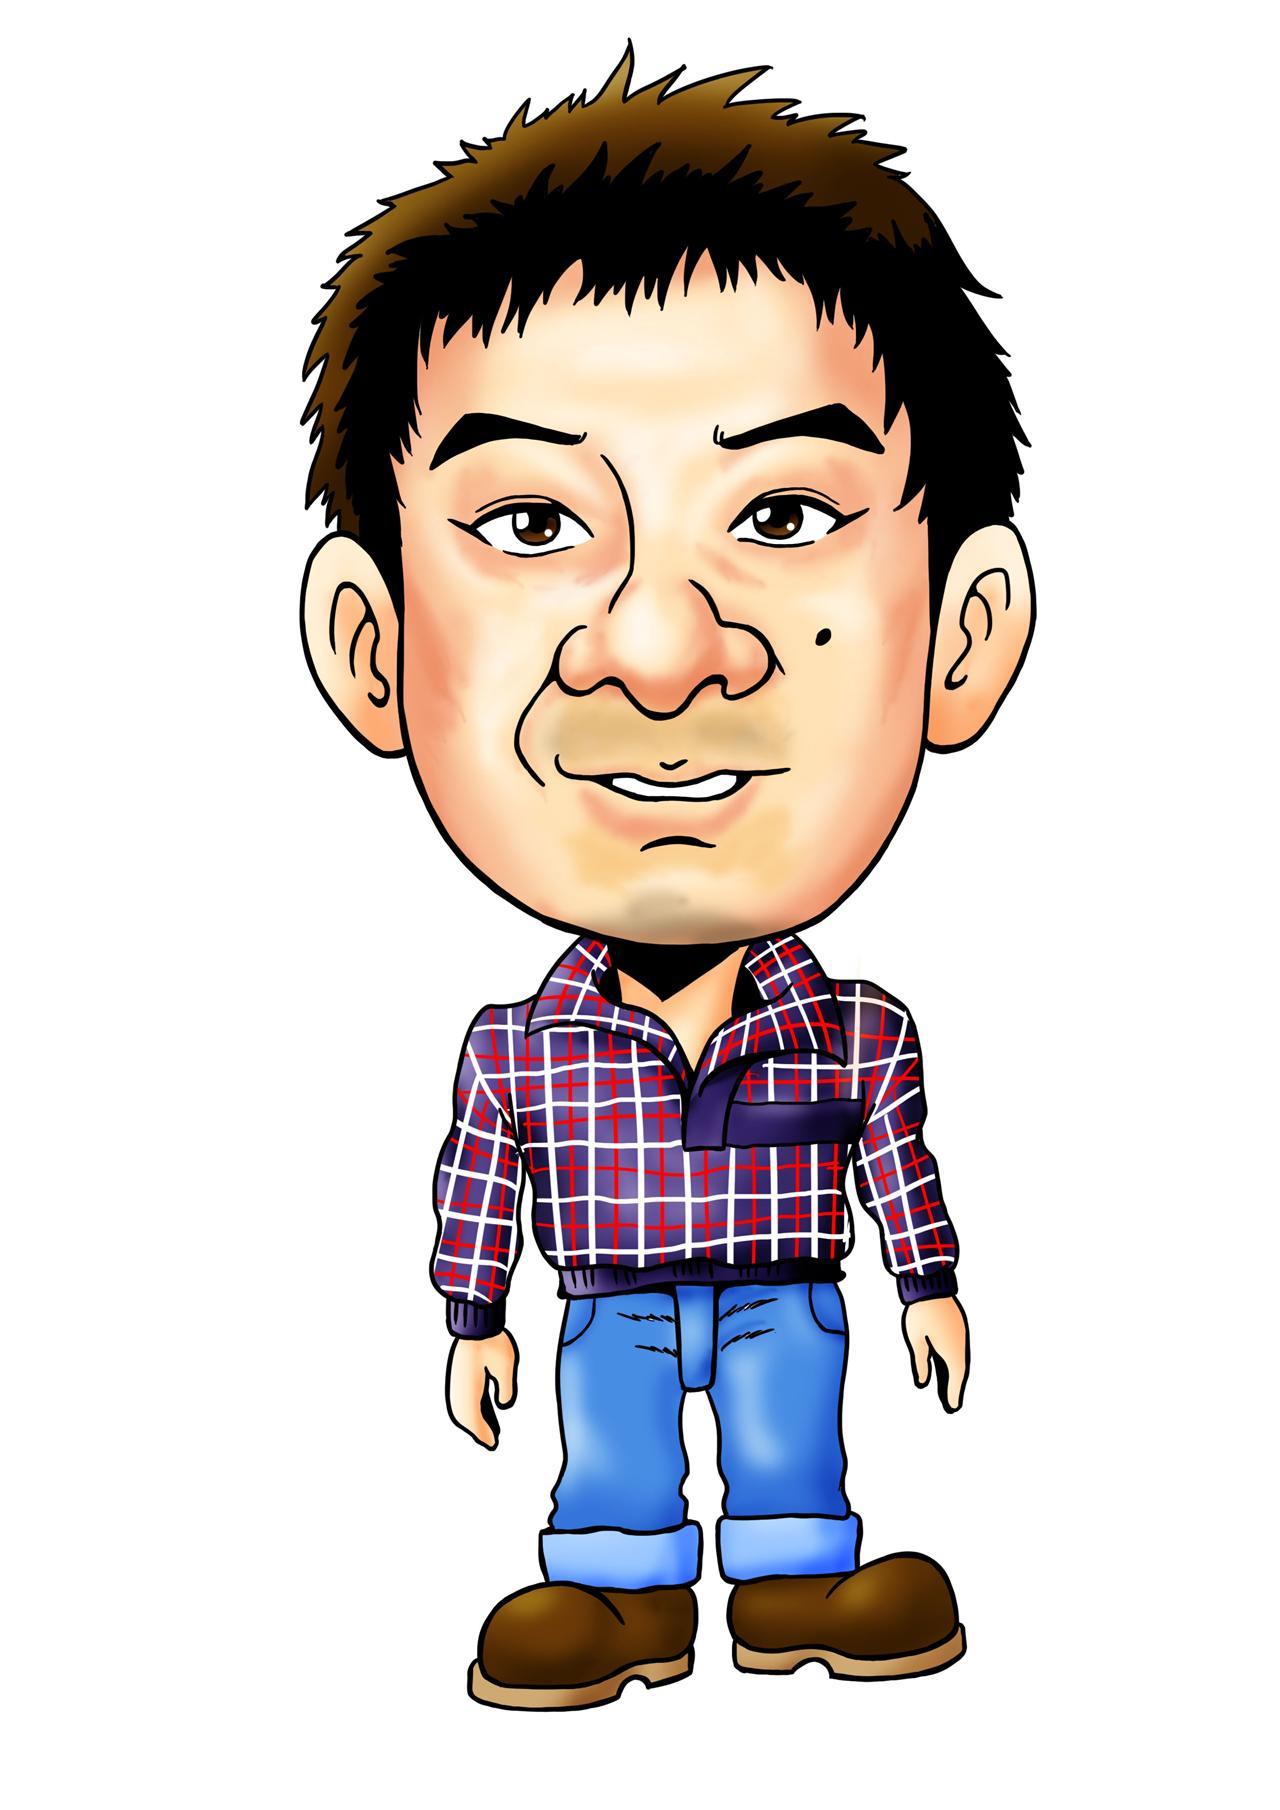 动漫 卡通 漫画 设计 矢量 矢量图 素材 头像 1280_1810 竖版 竖屏